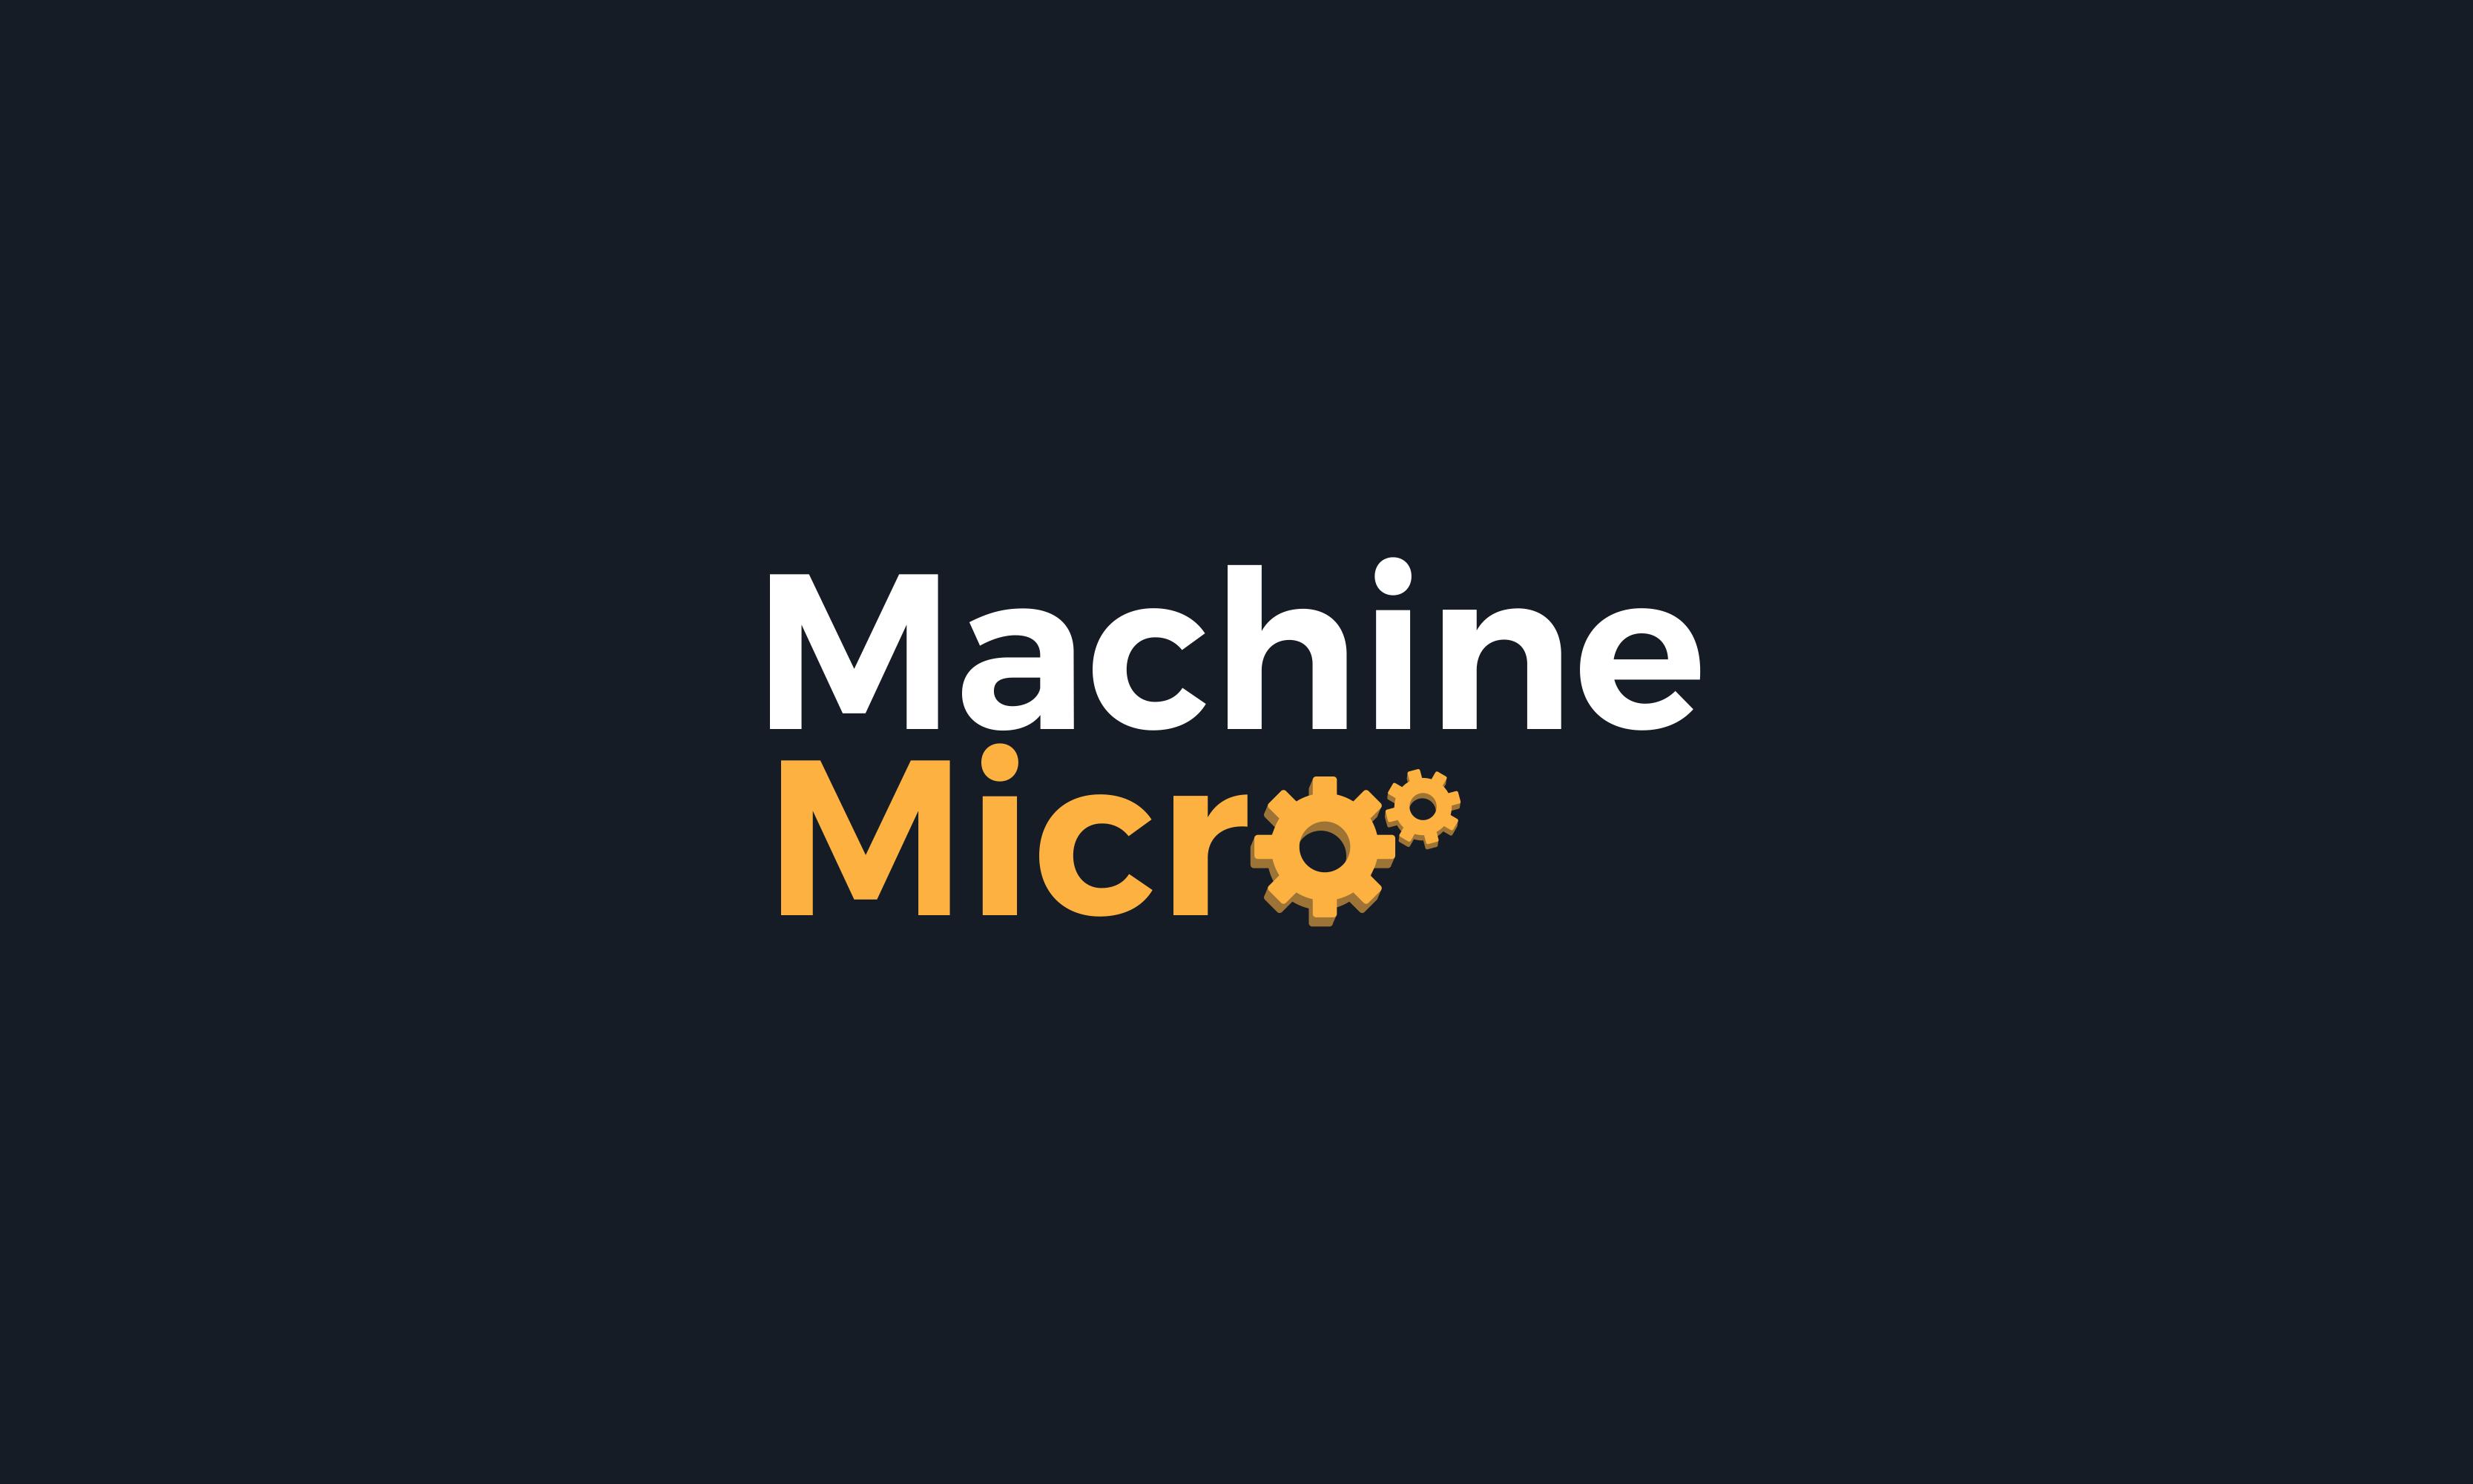 Machinemicro